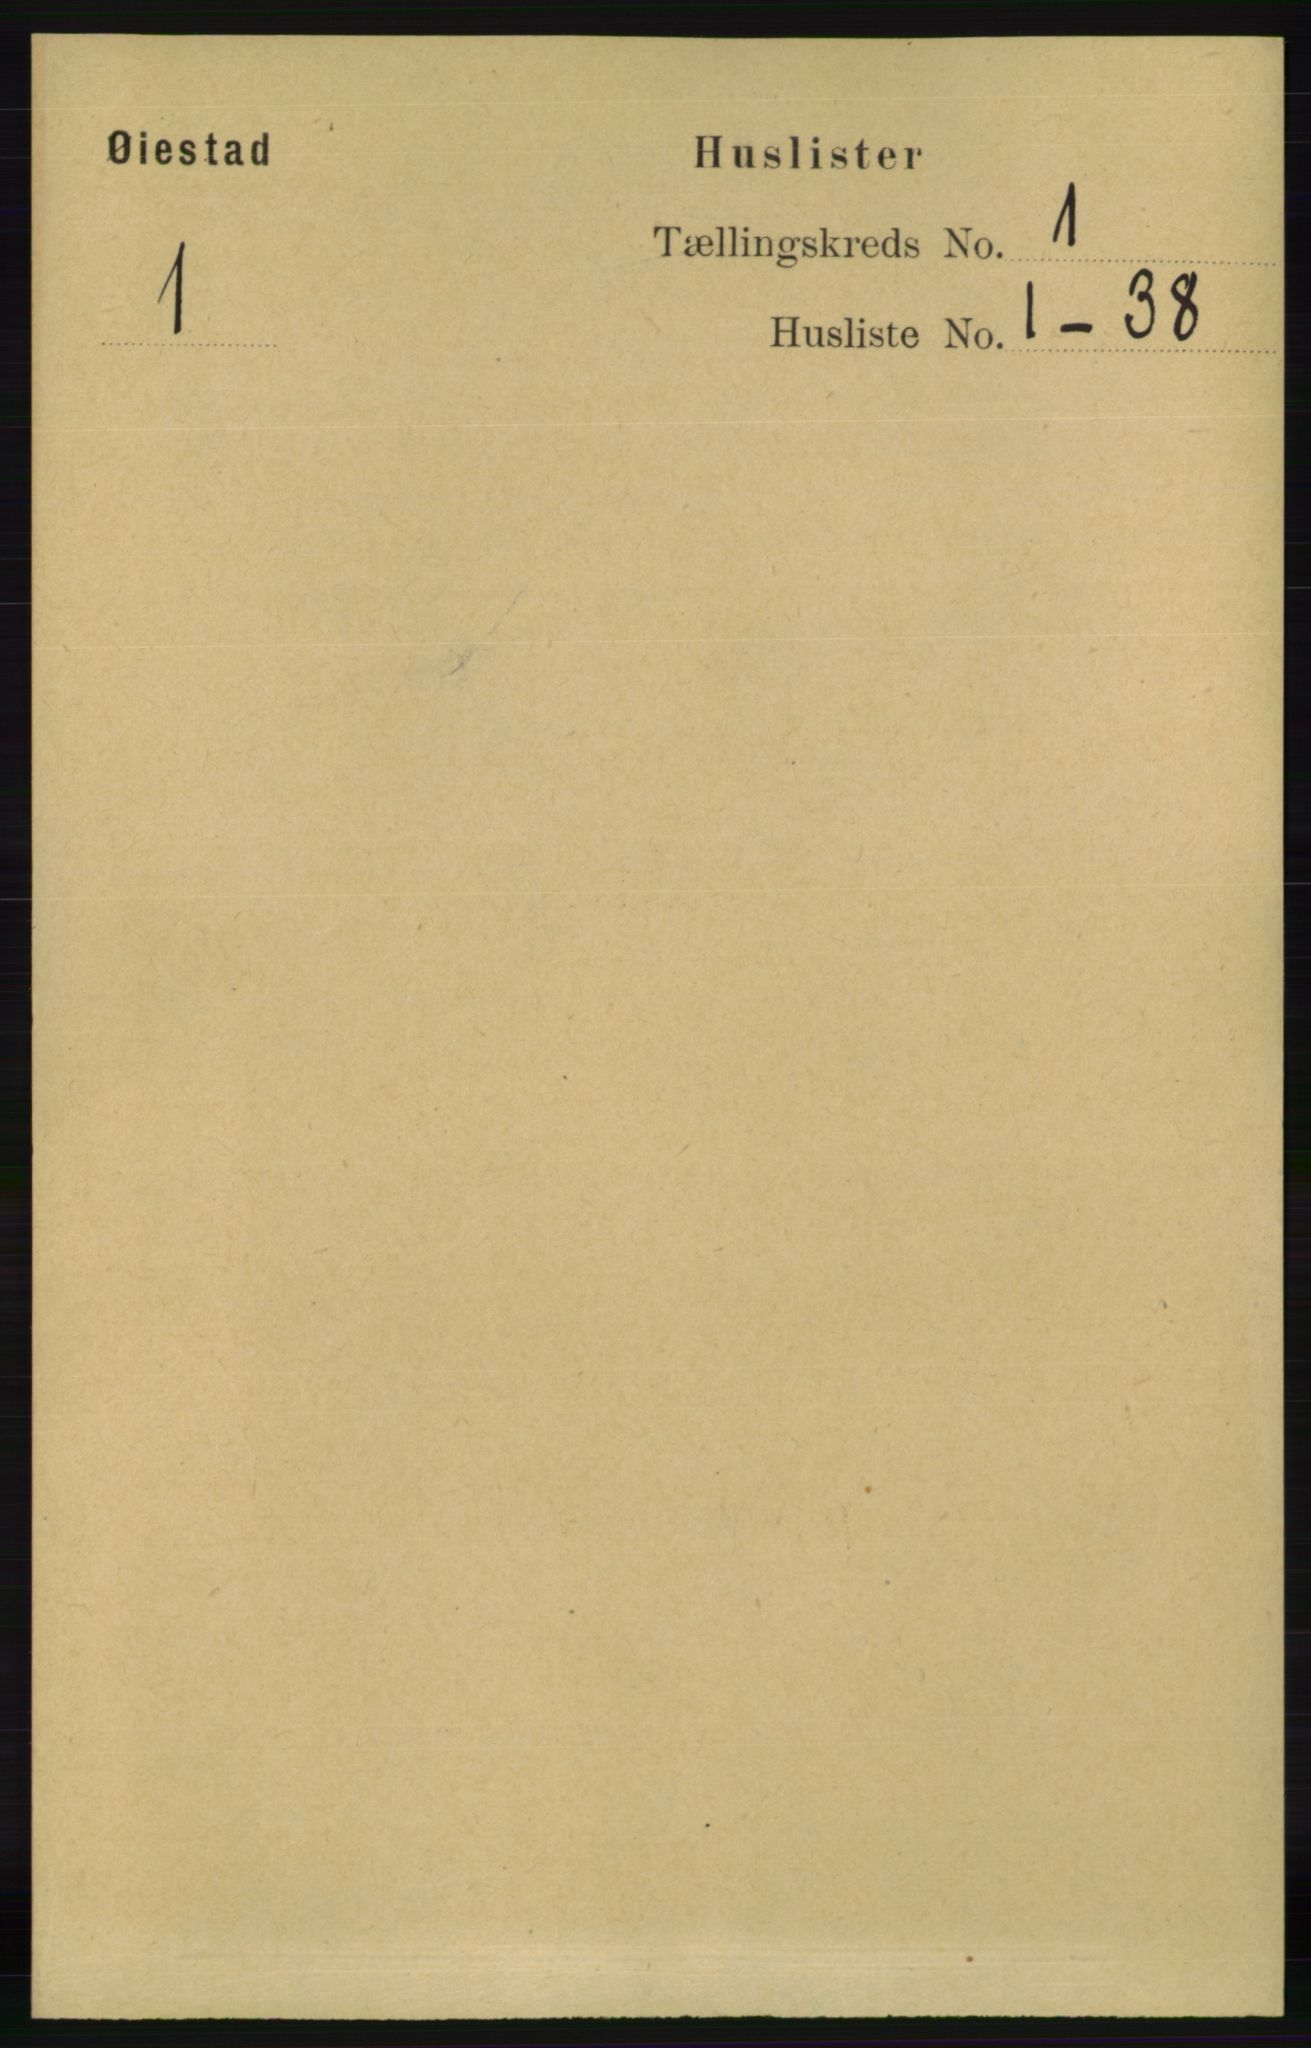 RA, Folketelling 1891 for 0920 Øyestad herred, 1891, s. 29